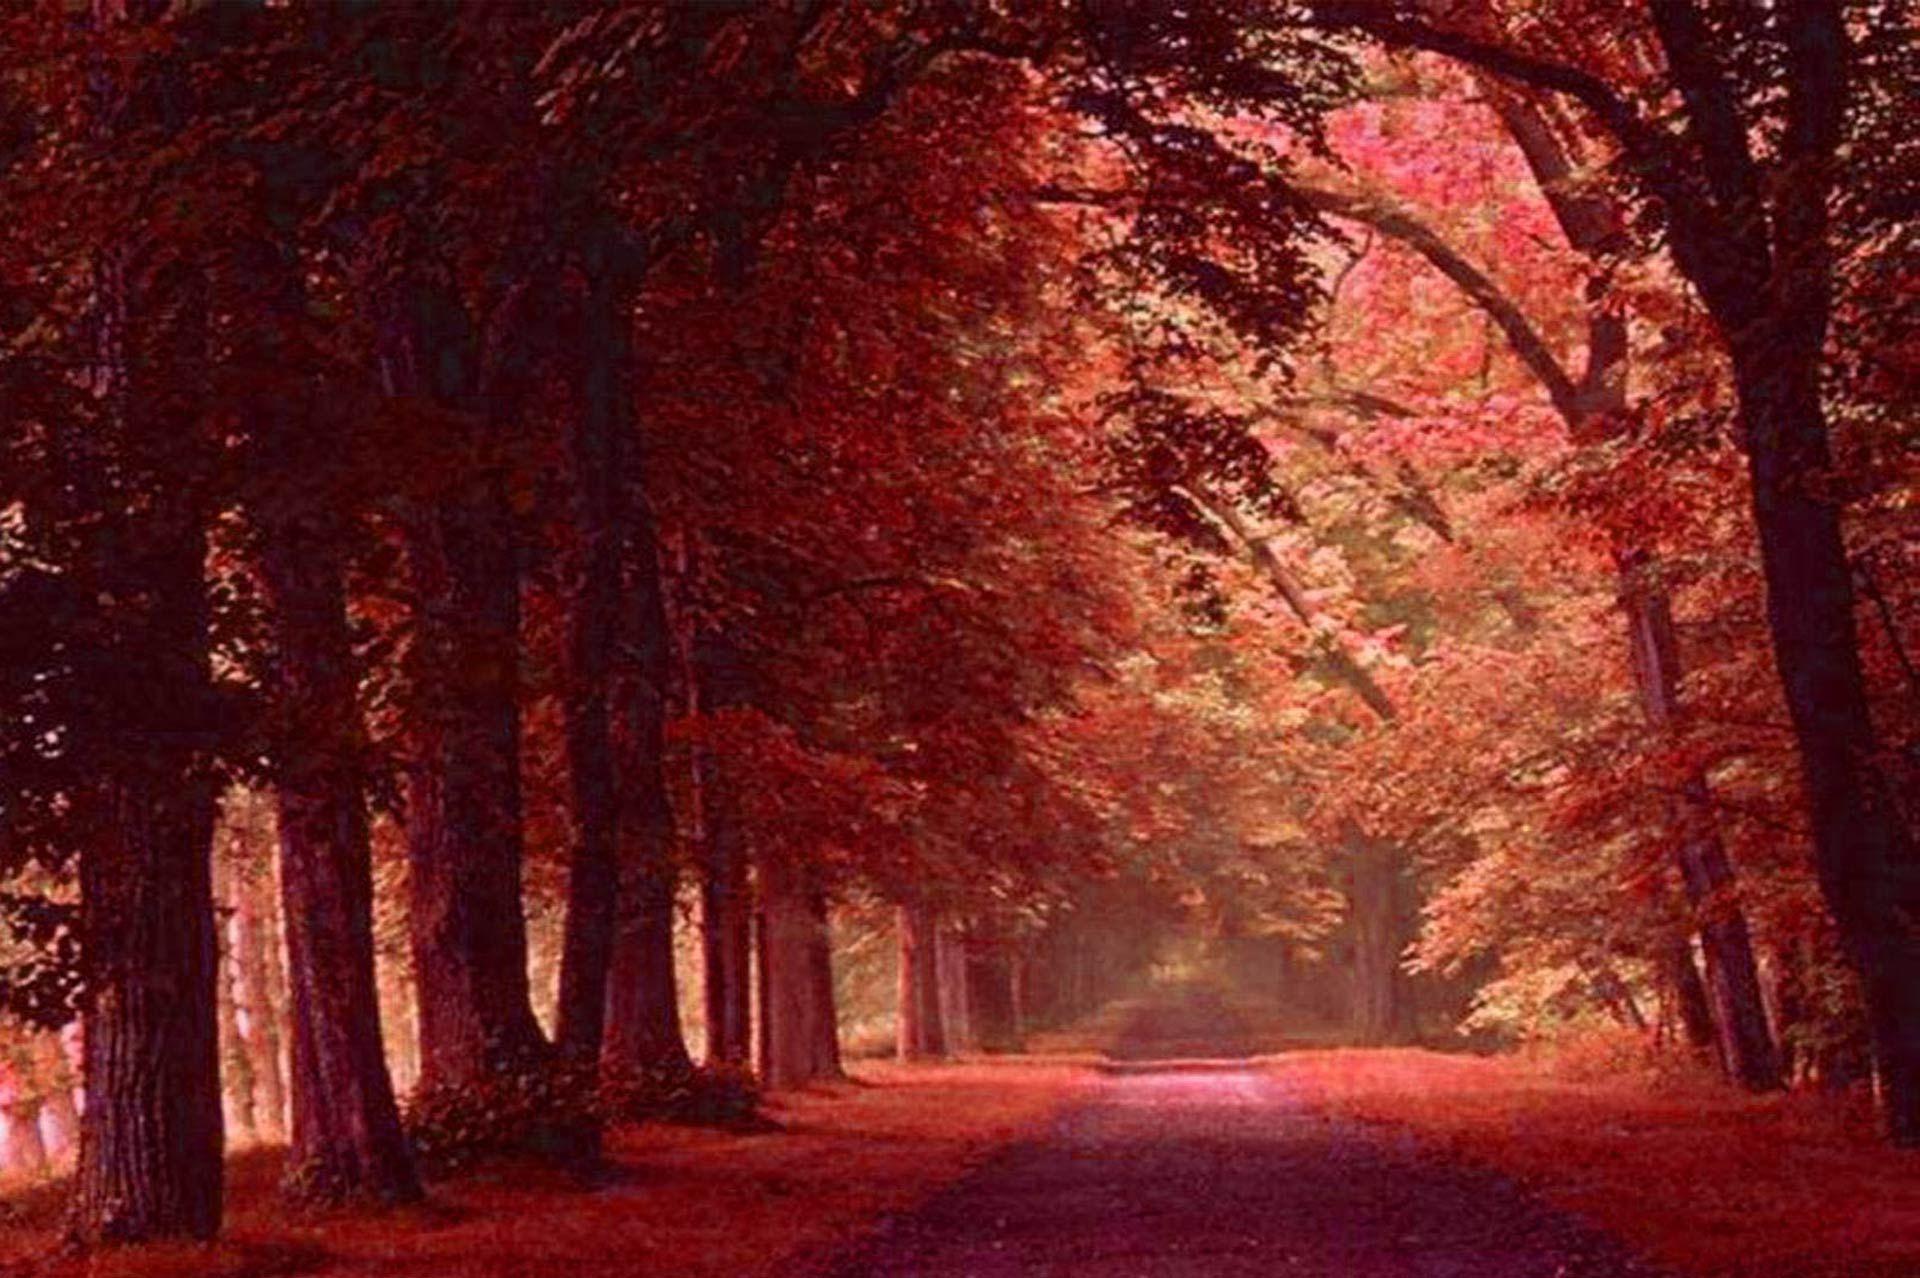 Fondos de escritorio paisajes oto ales en 4k para el fondo - Imagenes paisajes otonales ...